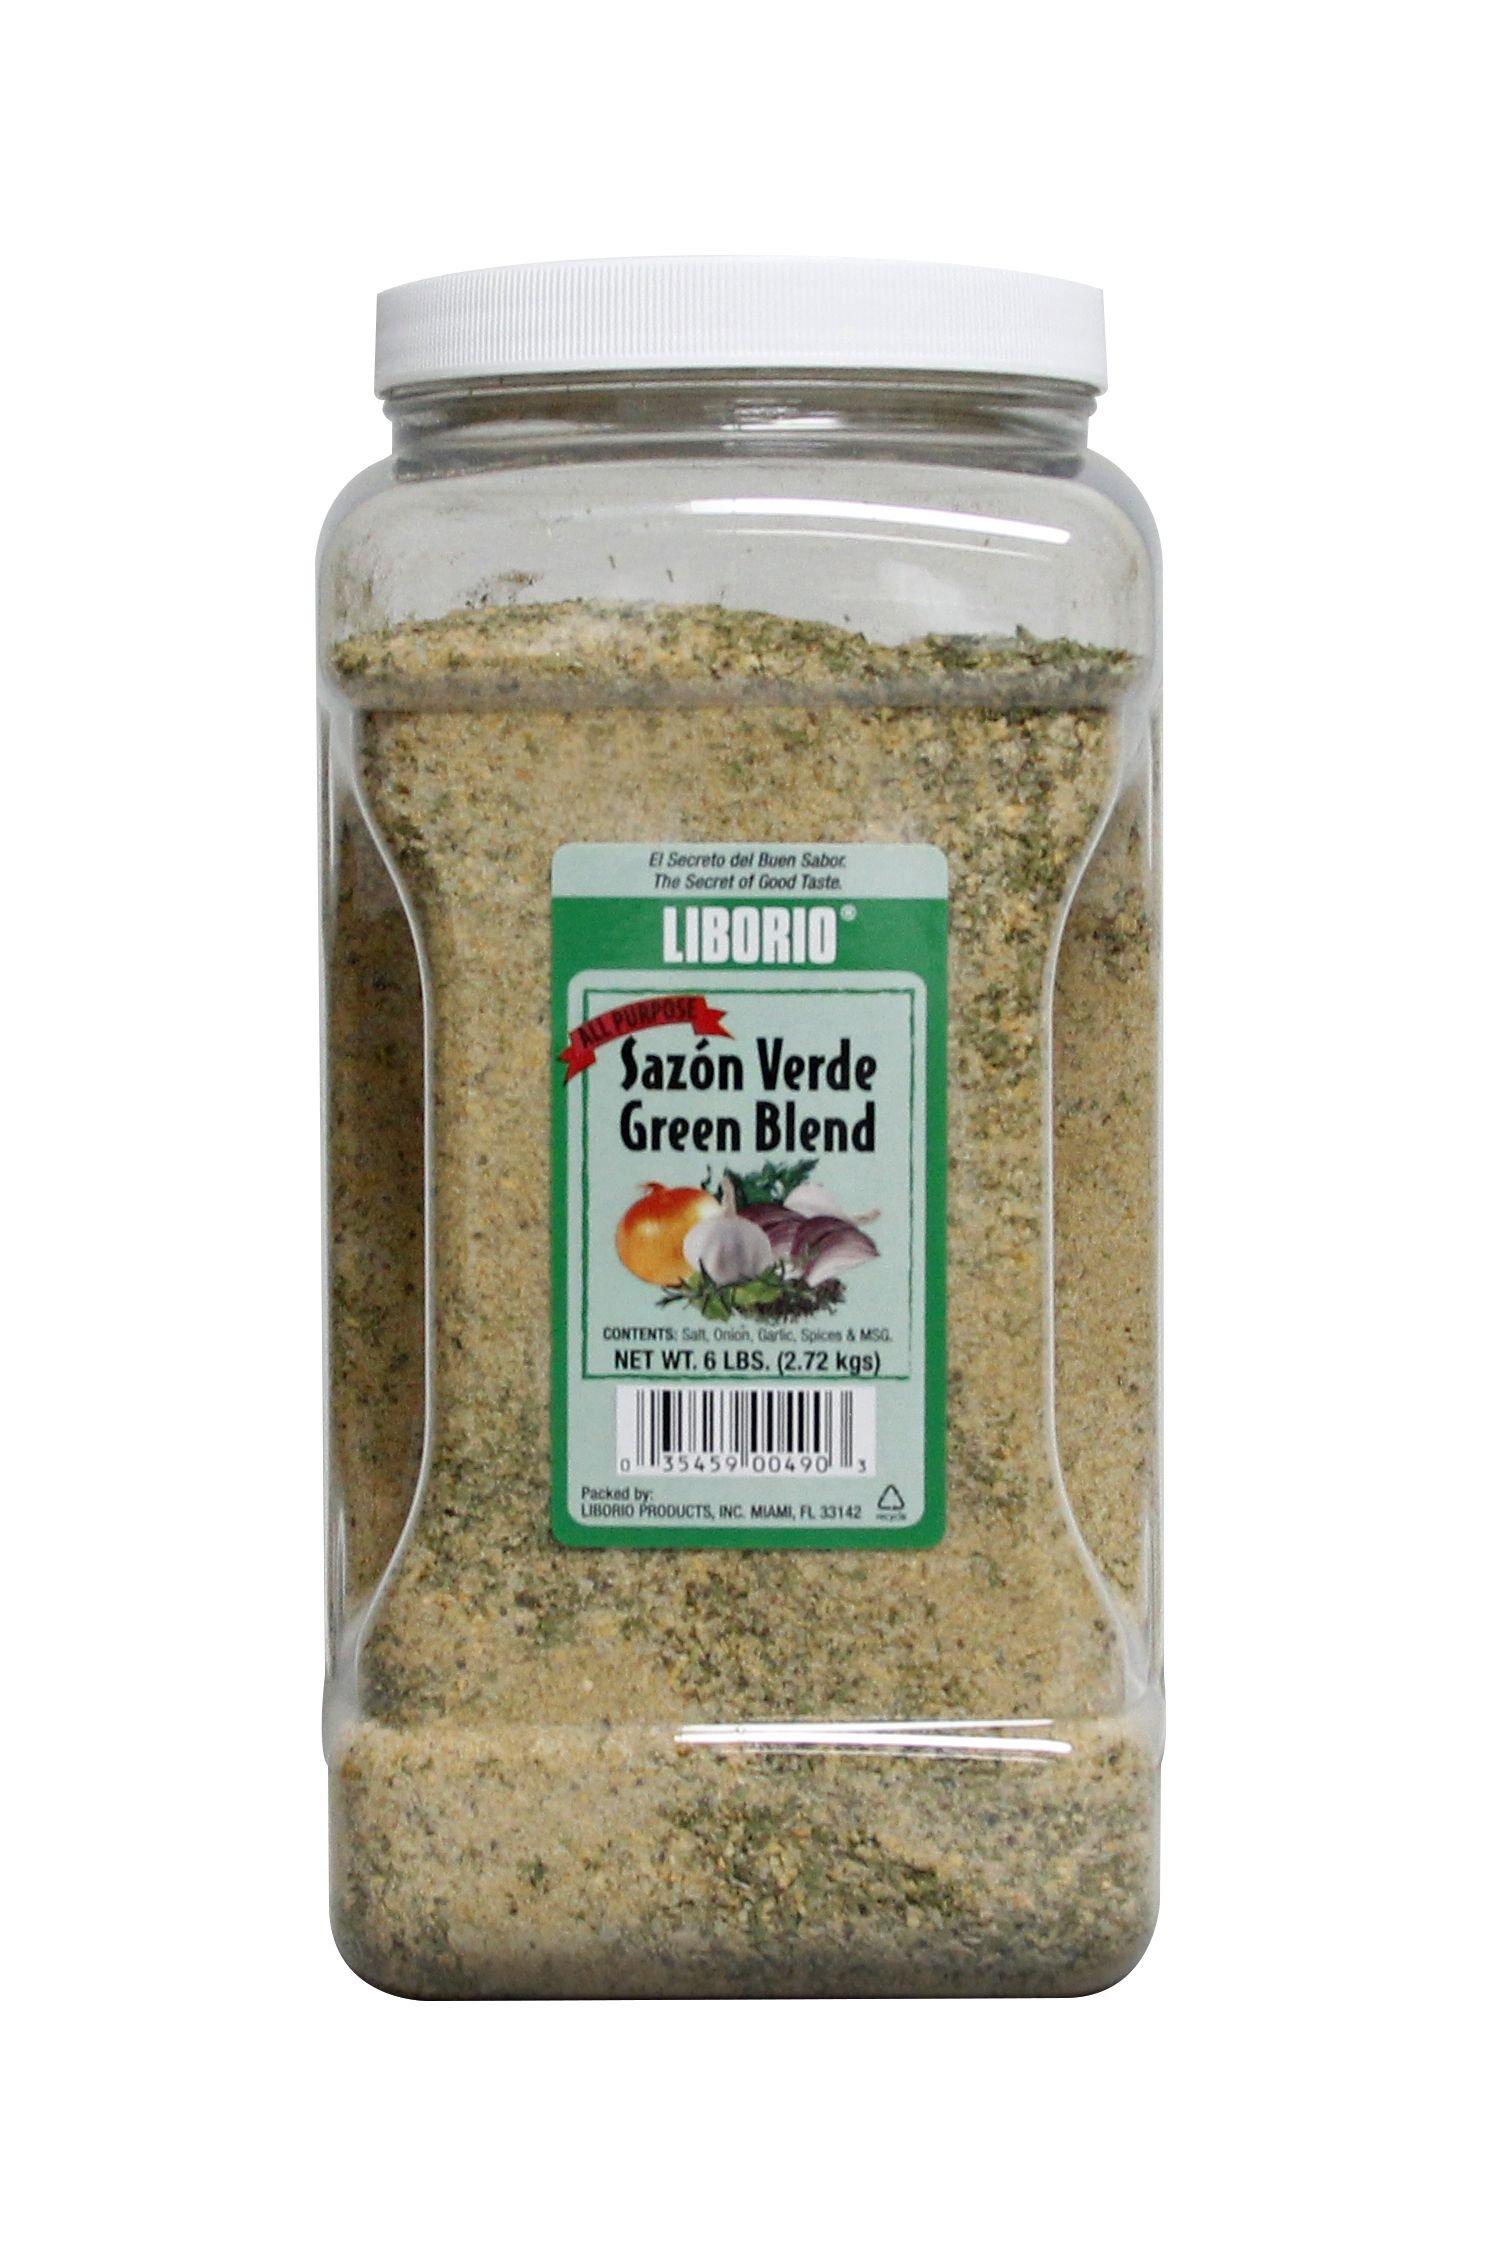 Liborio Sazón Verde All Purpose Seasoning, 6 lbs